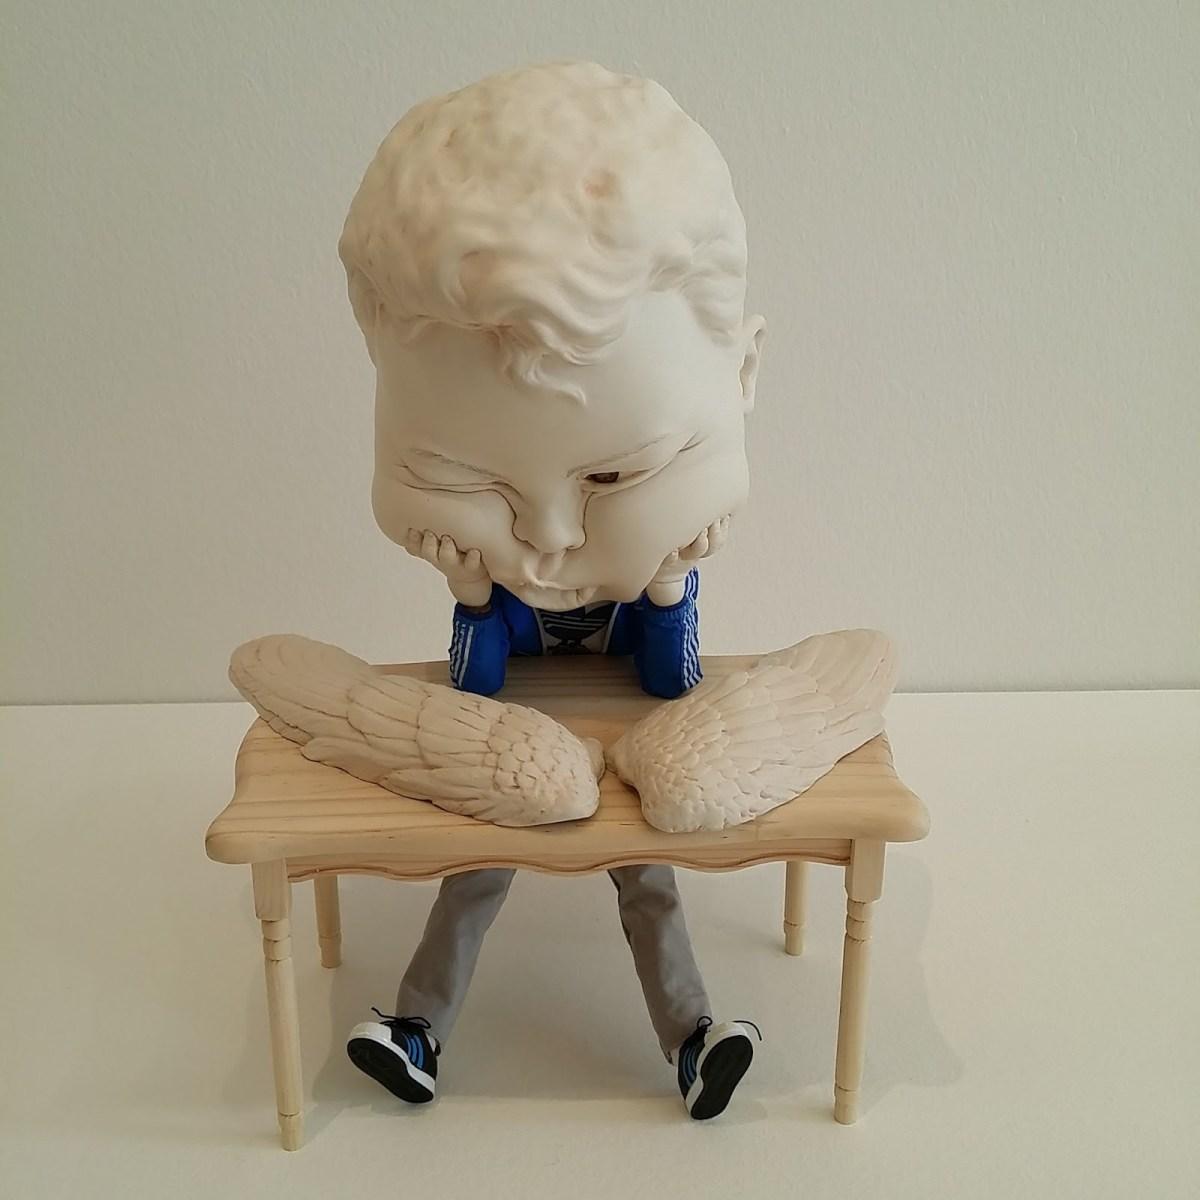 Китайский скульптор создает гиперреалистичных малышей из глины